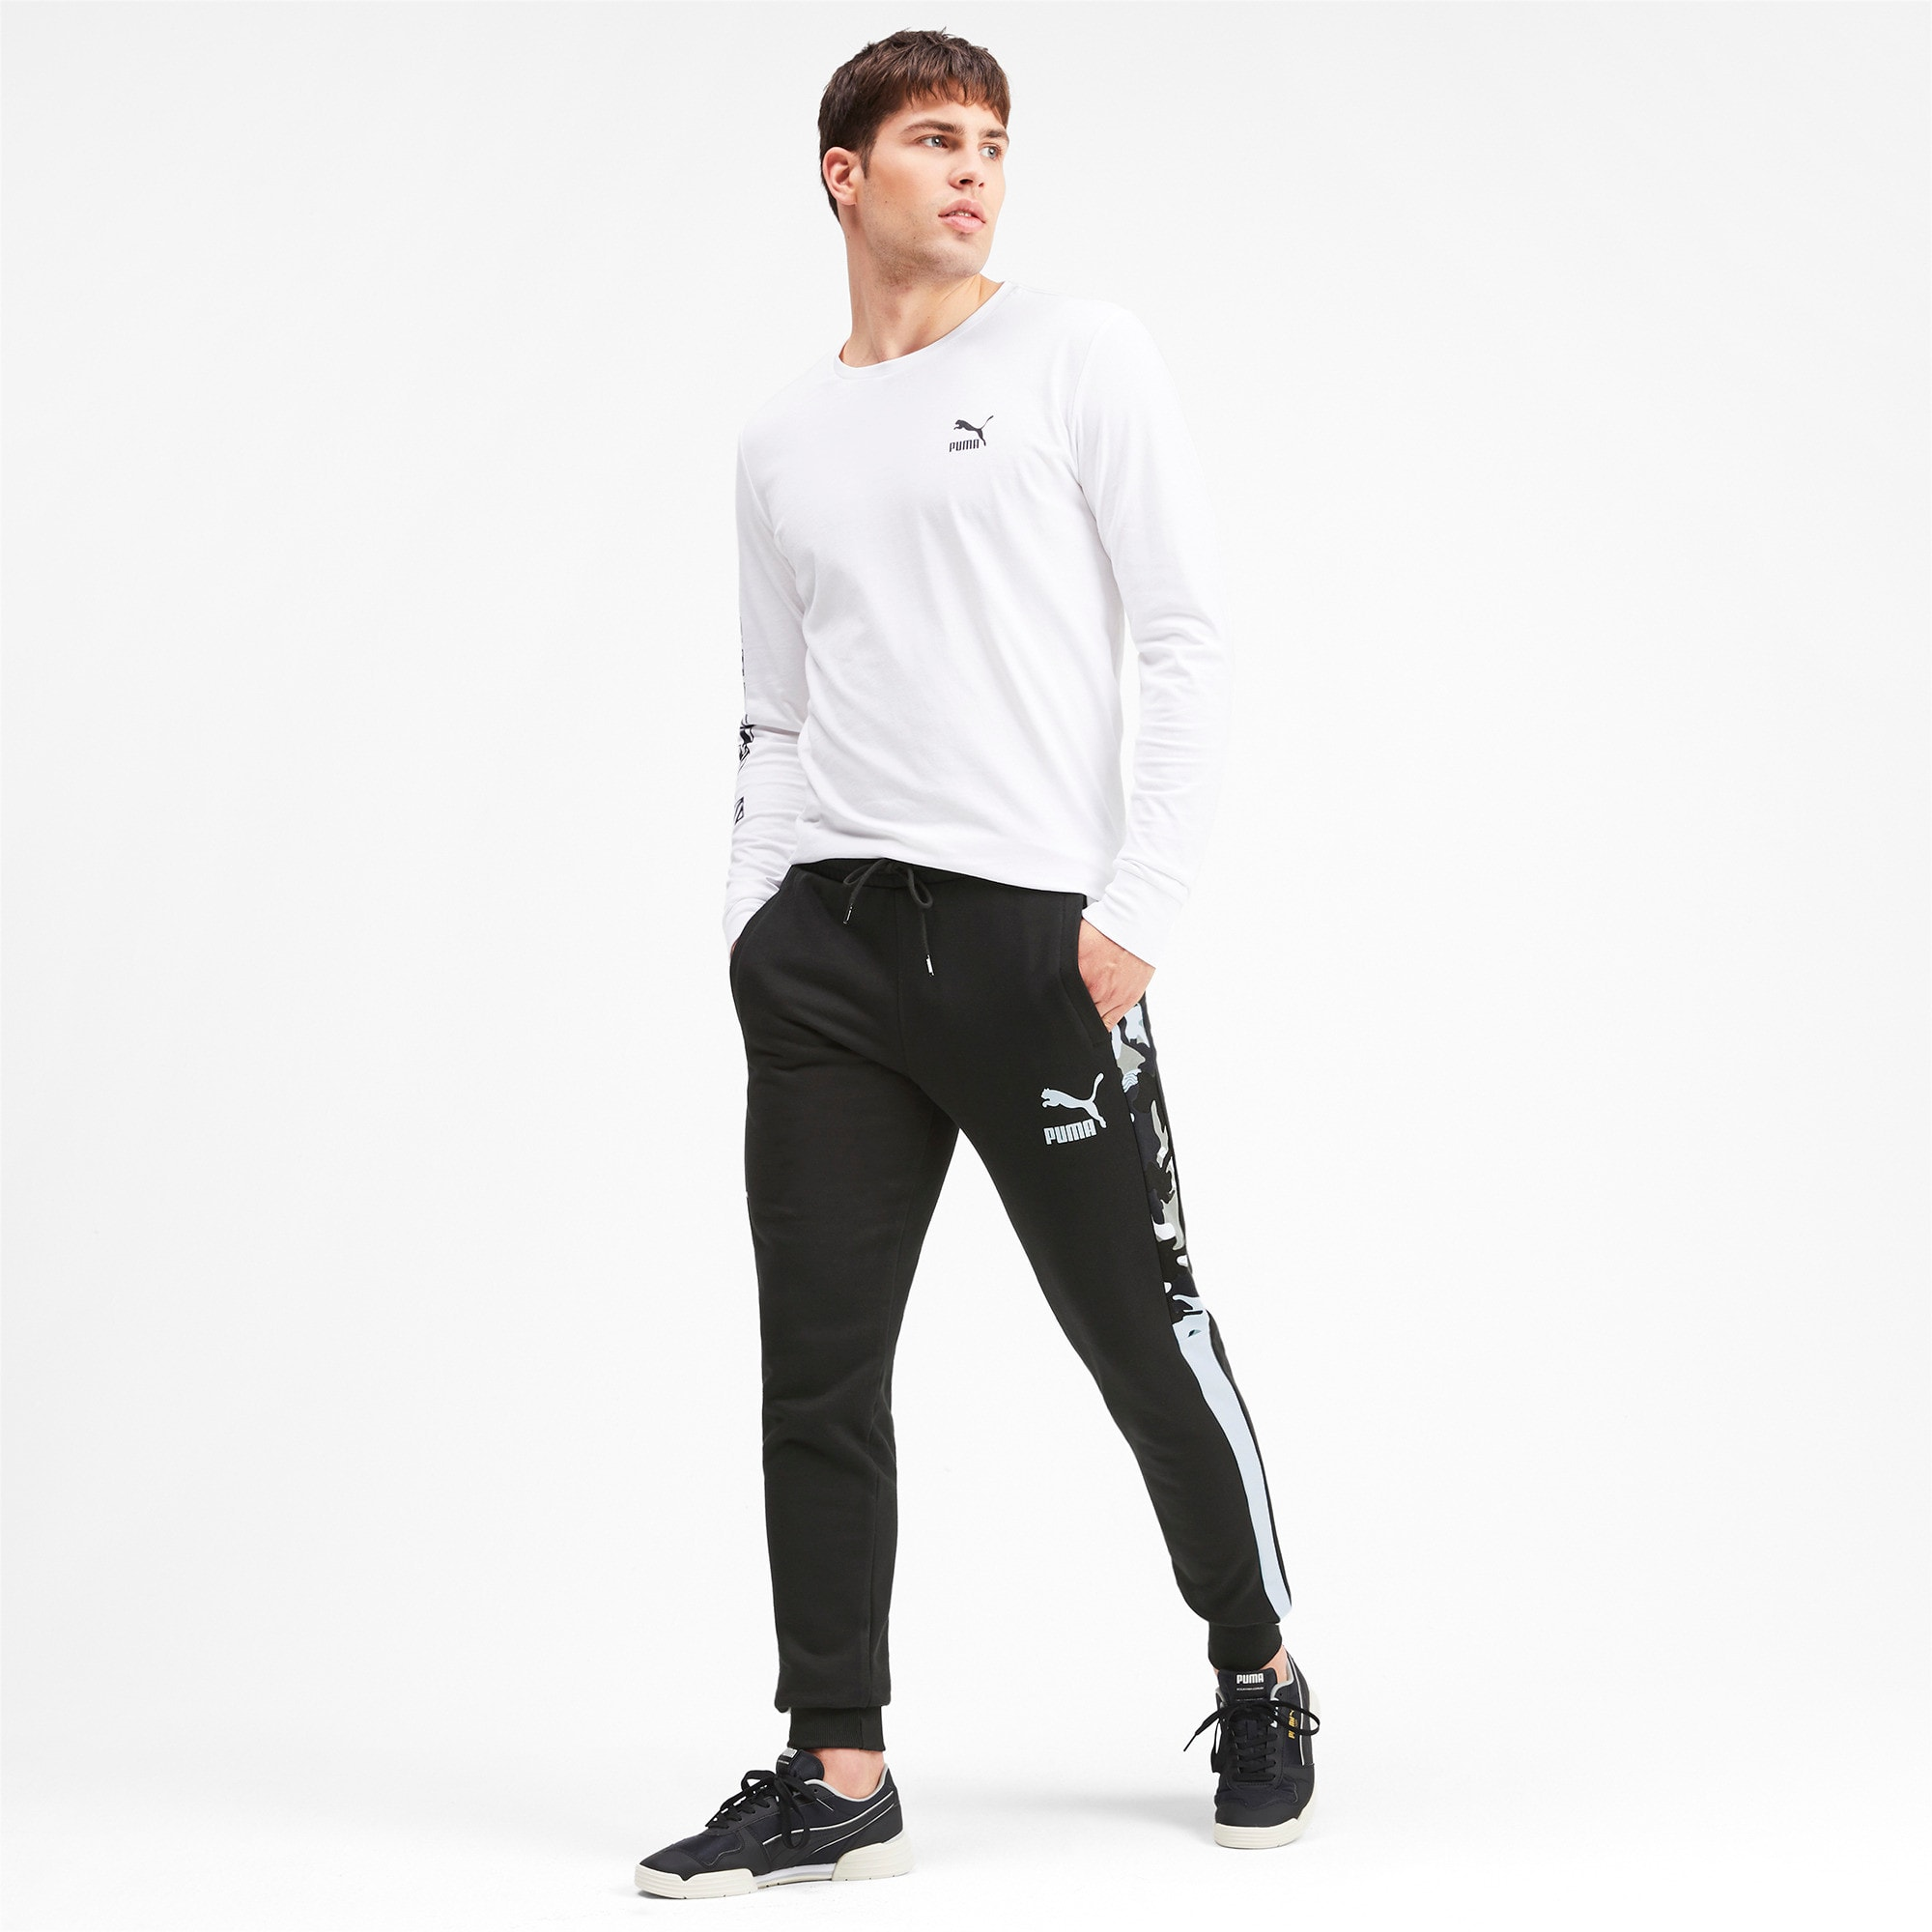 Thumbnail 3 of T7 Men's AOP Track Pants, Puma Black, medium